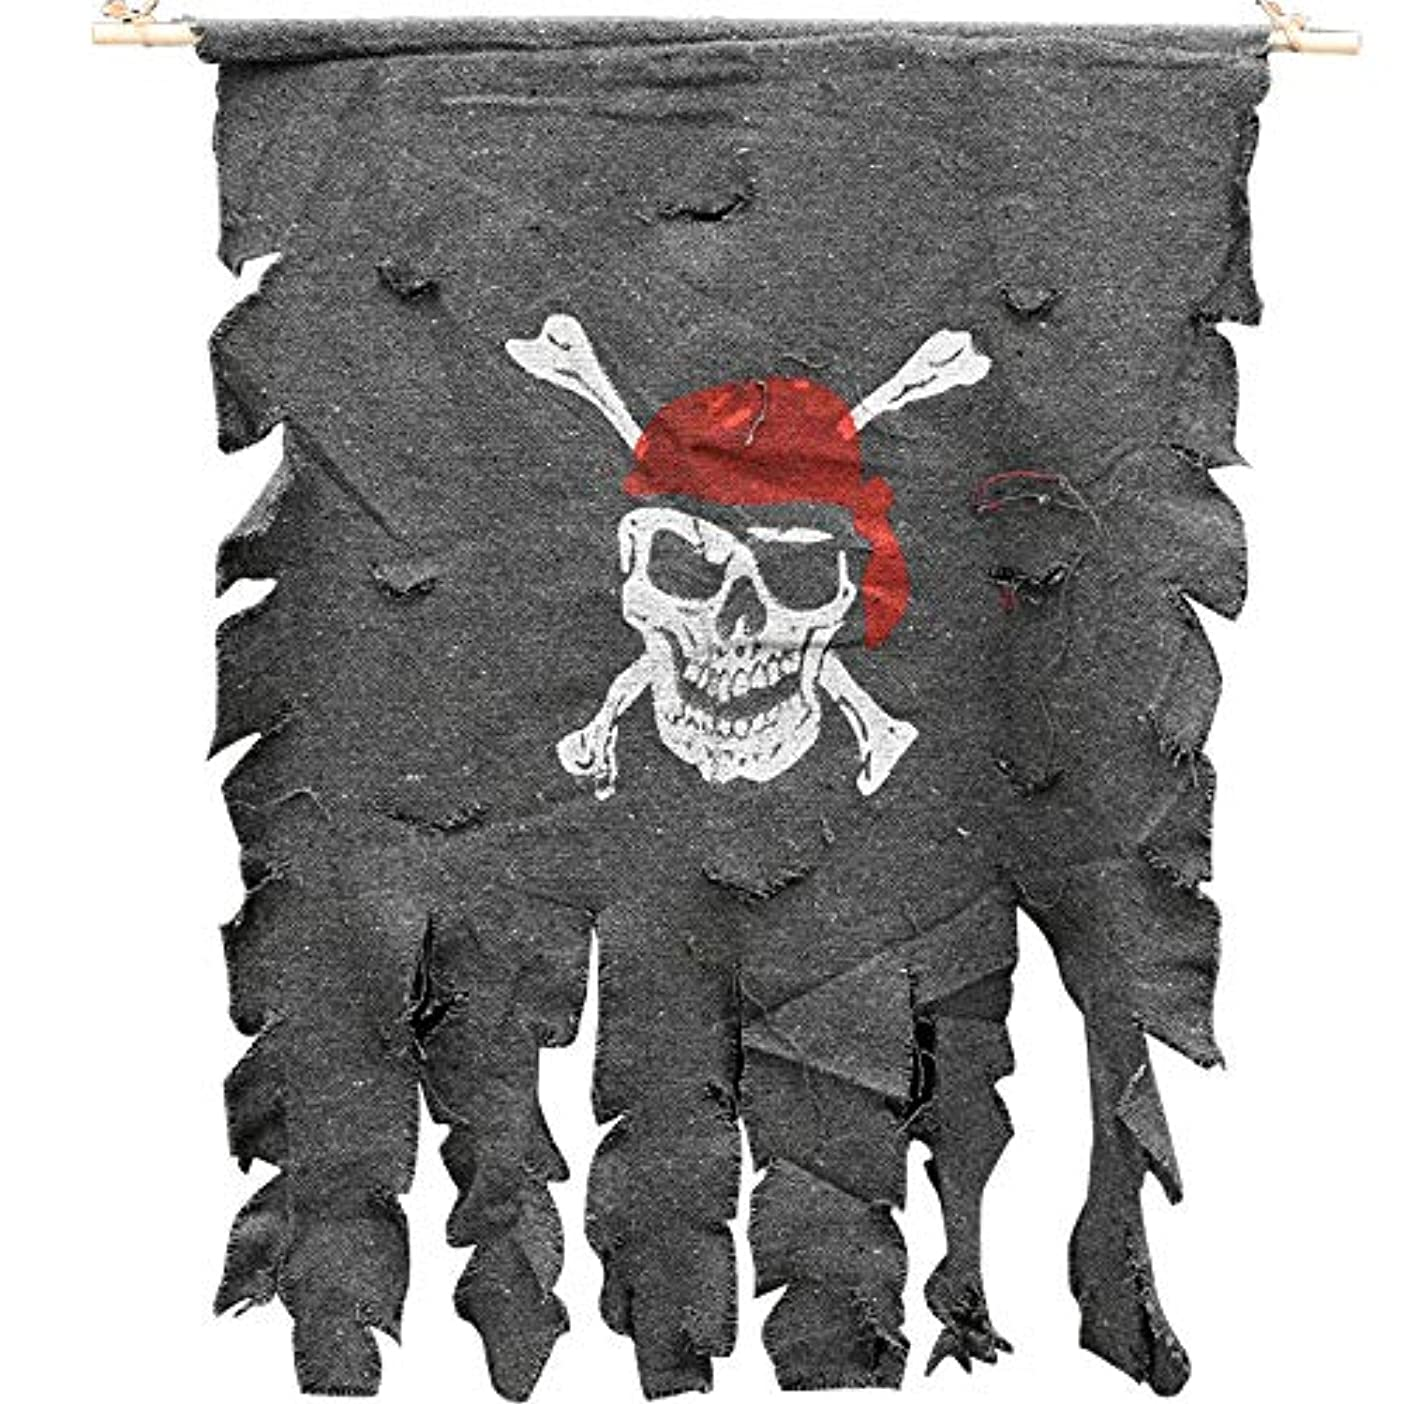 委任純粋にメリーETRRUU HOME ハロウィンジョリーロジャー大パーティーデコレーションKTV旗バナーぶら下げ旗アレンジメントの小道具